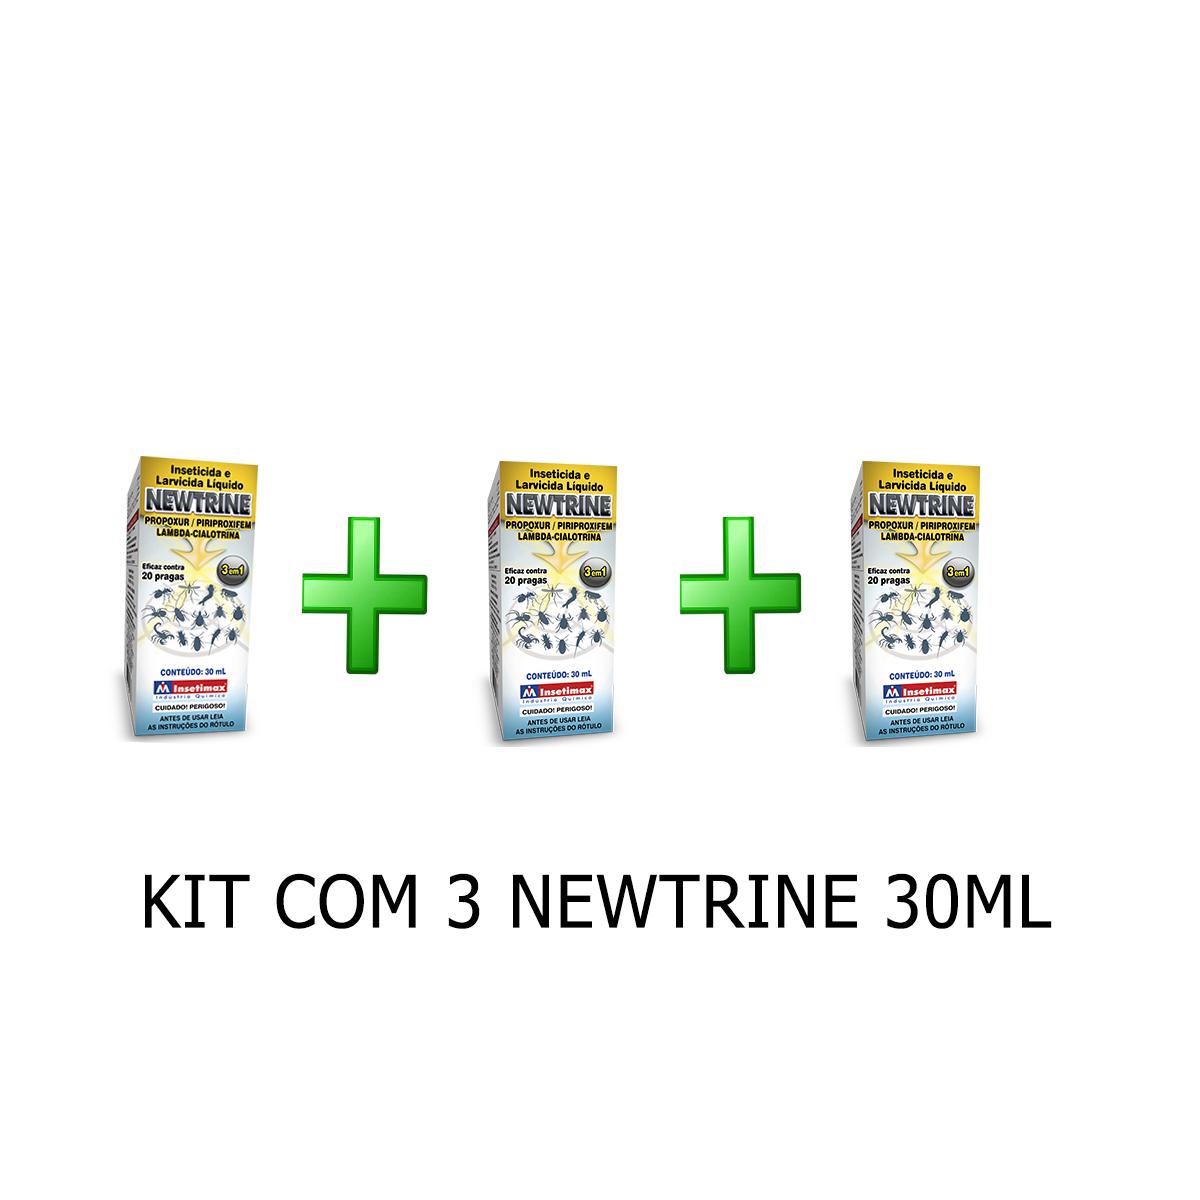 KIT 3 NEWTRINE 30ML INSETMAX